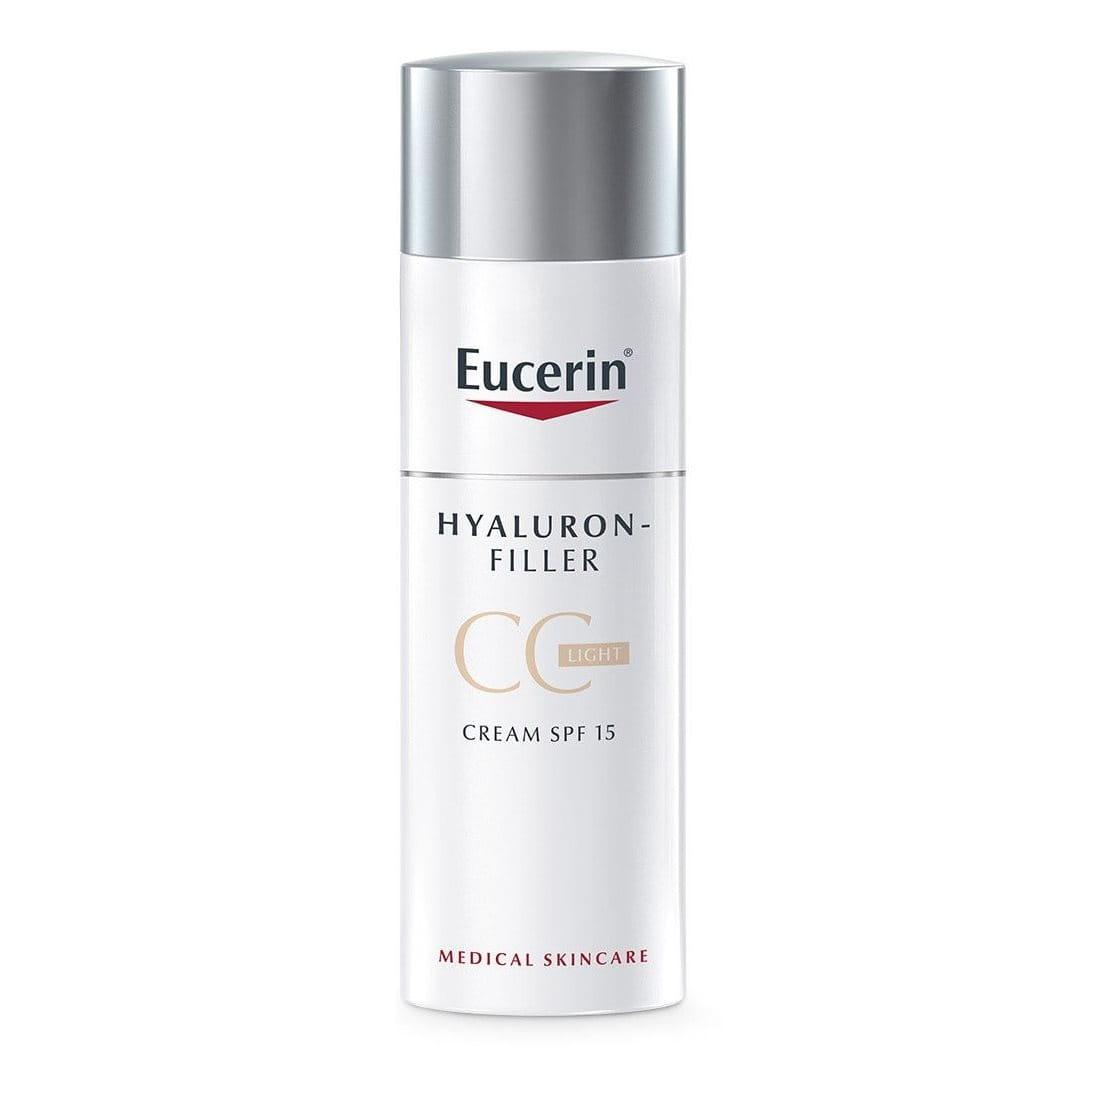 Eucerin Hyaluron-Filler CC krém SPF15 svetlý